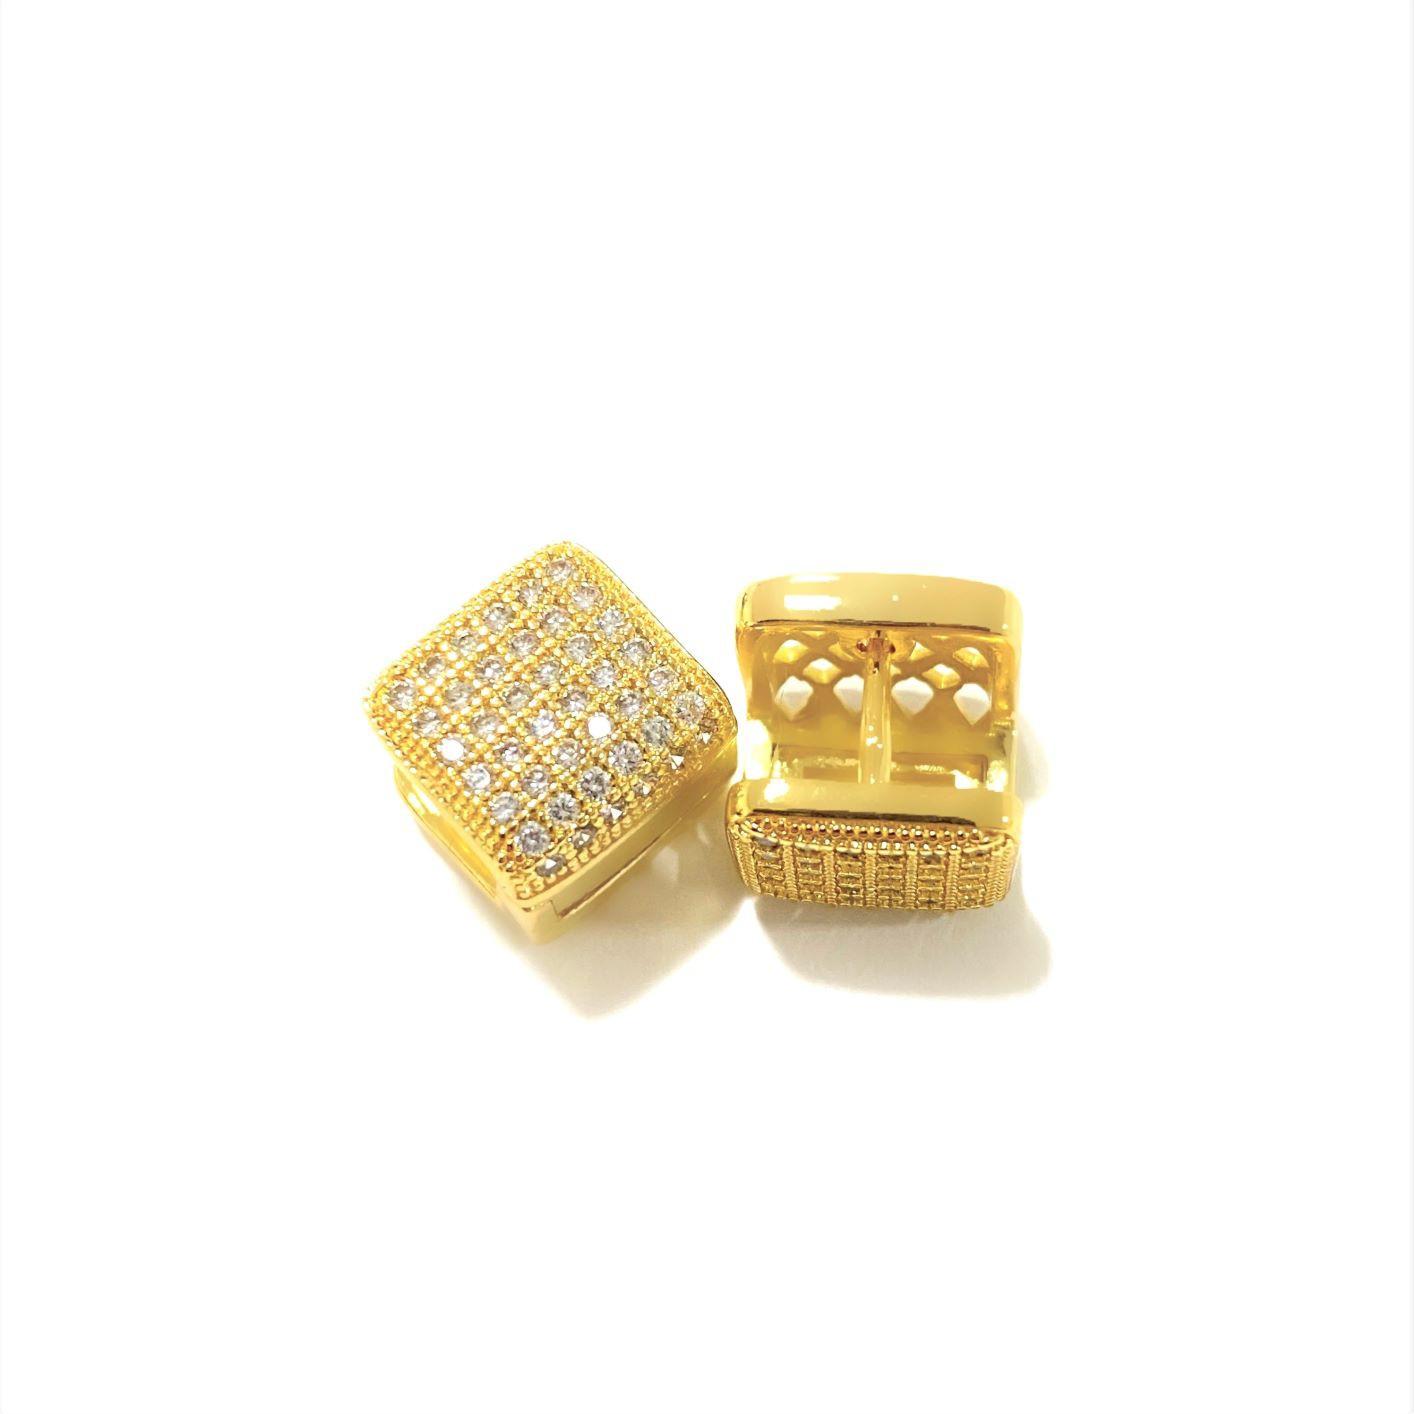 Brinco Click Quadrado 36 Pedras de Zircônia (Banho Ouro 24k)